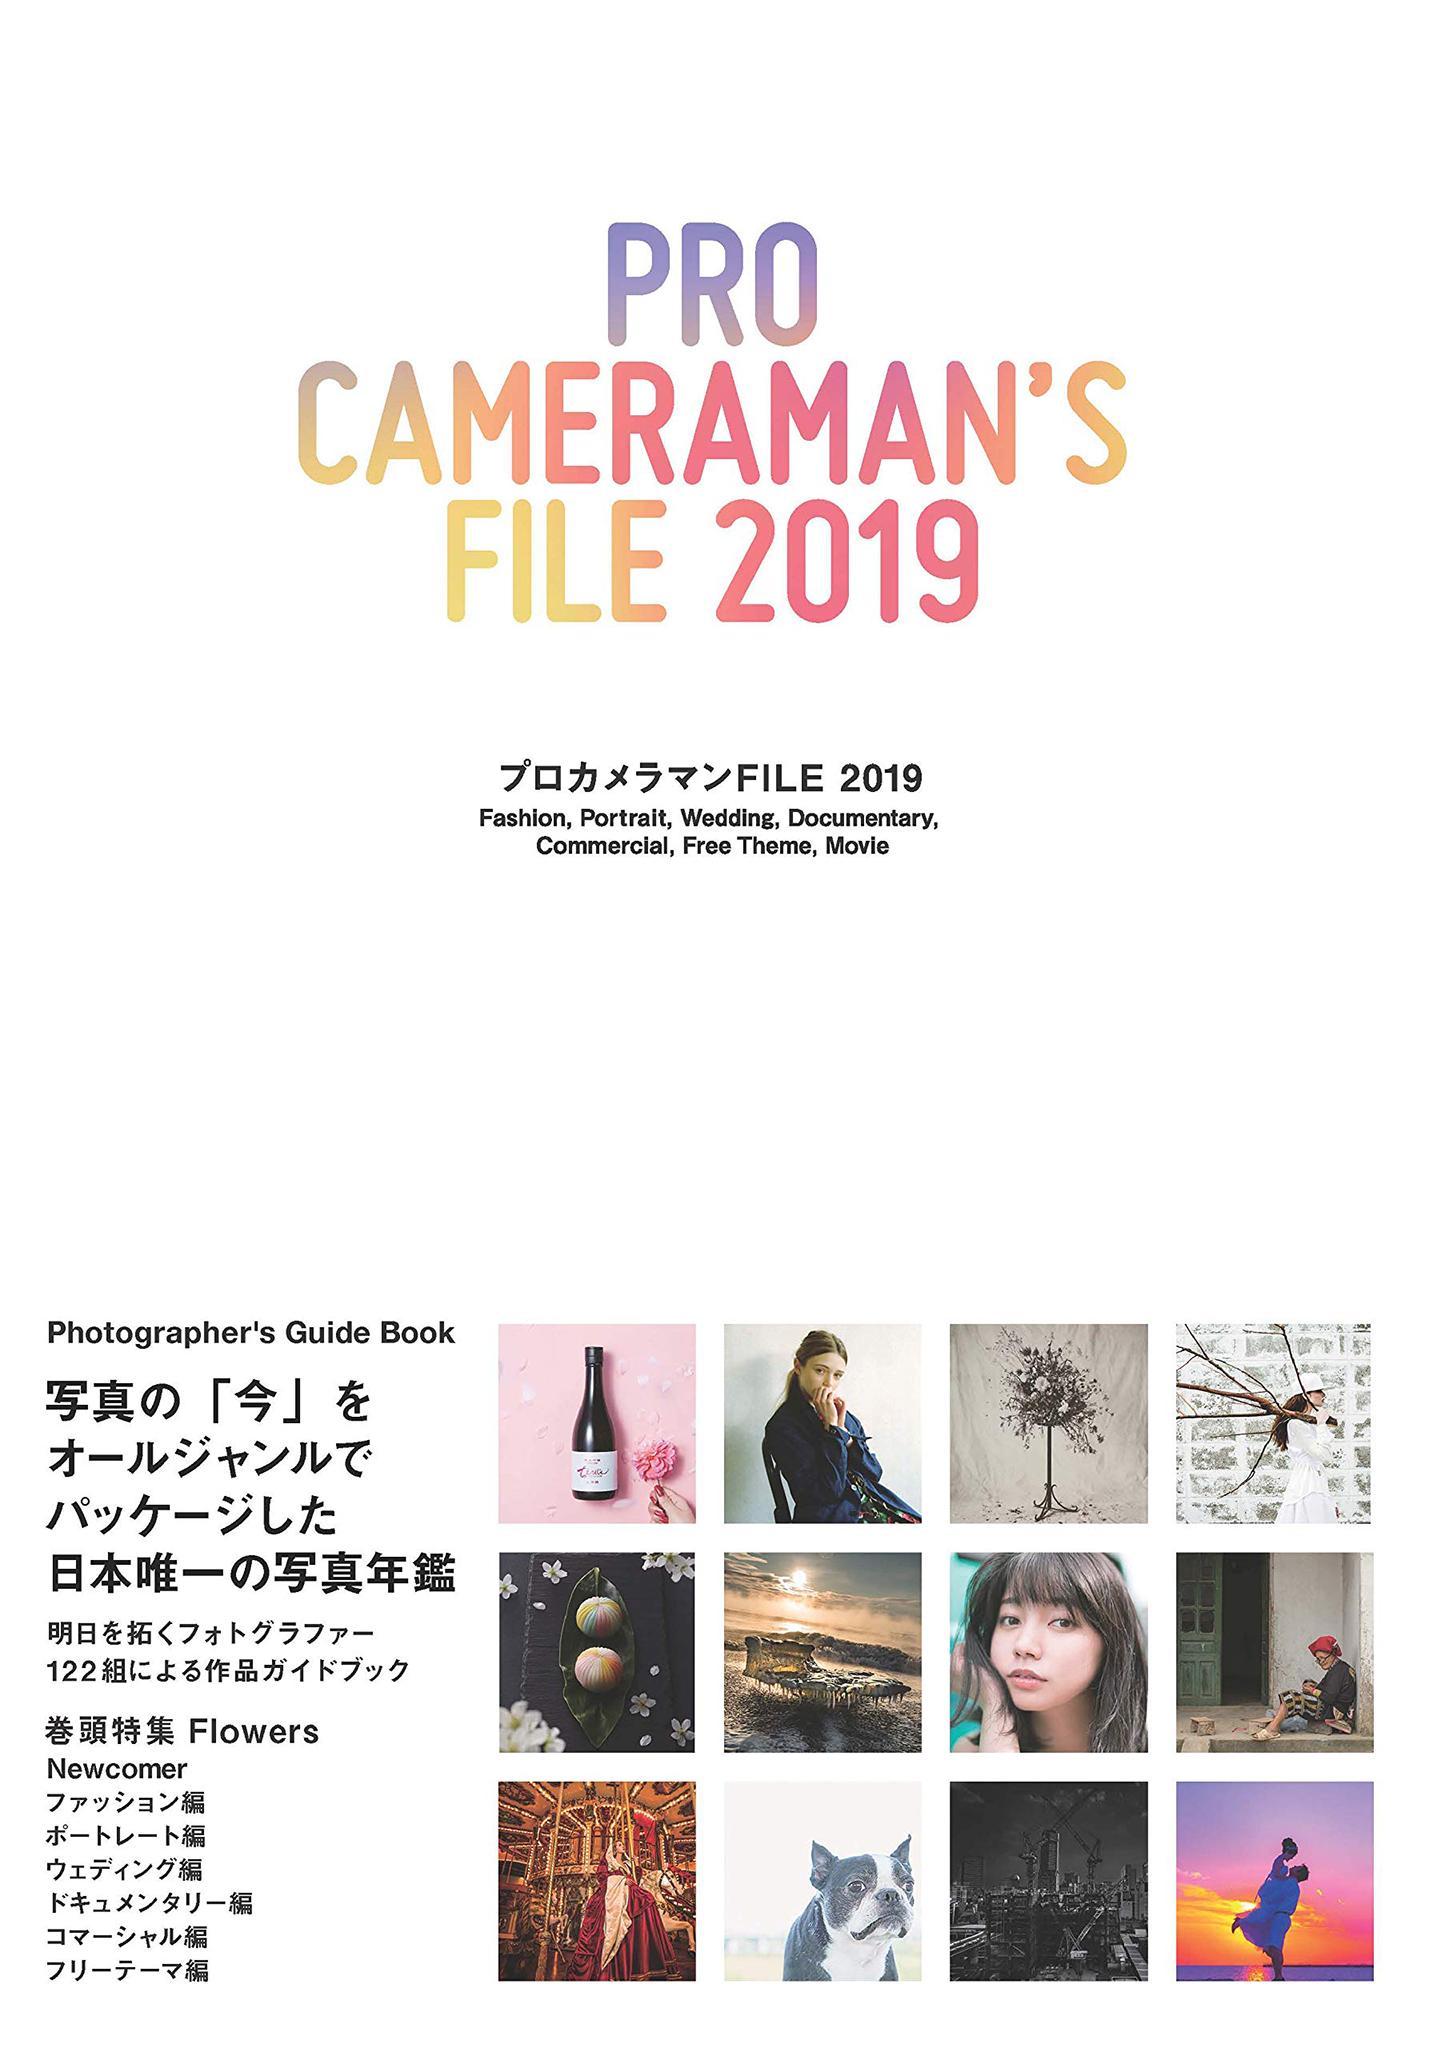 プロカメラマンFile2019